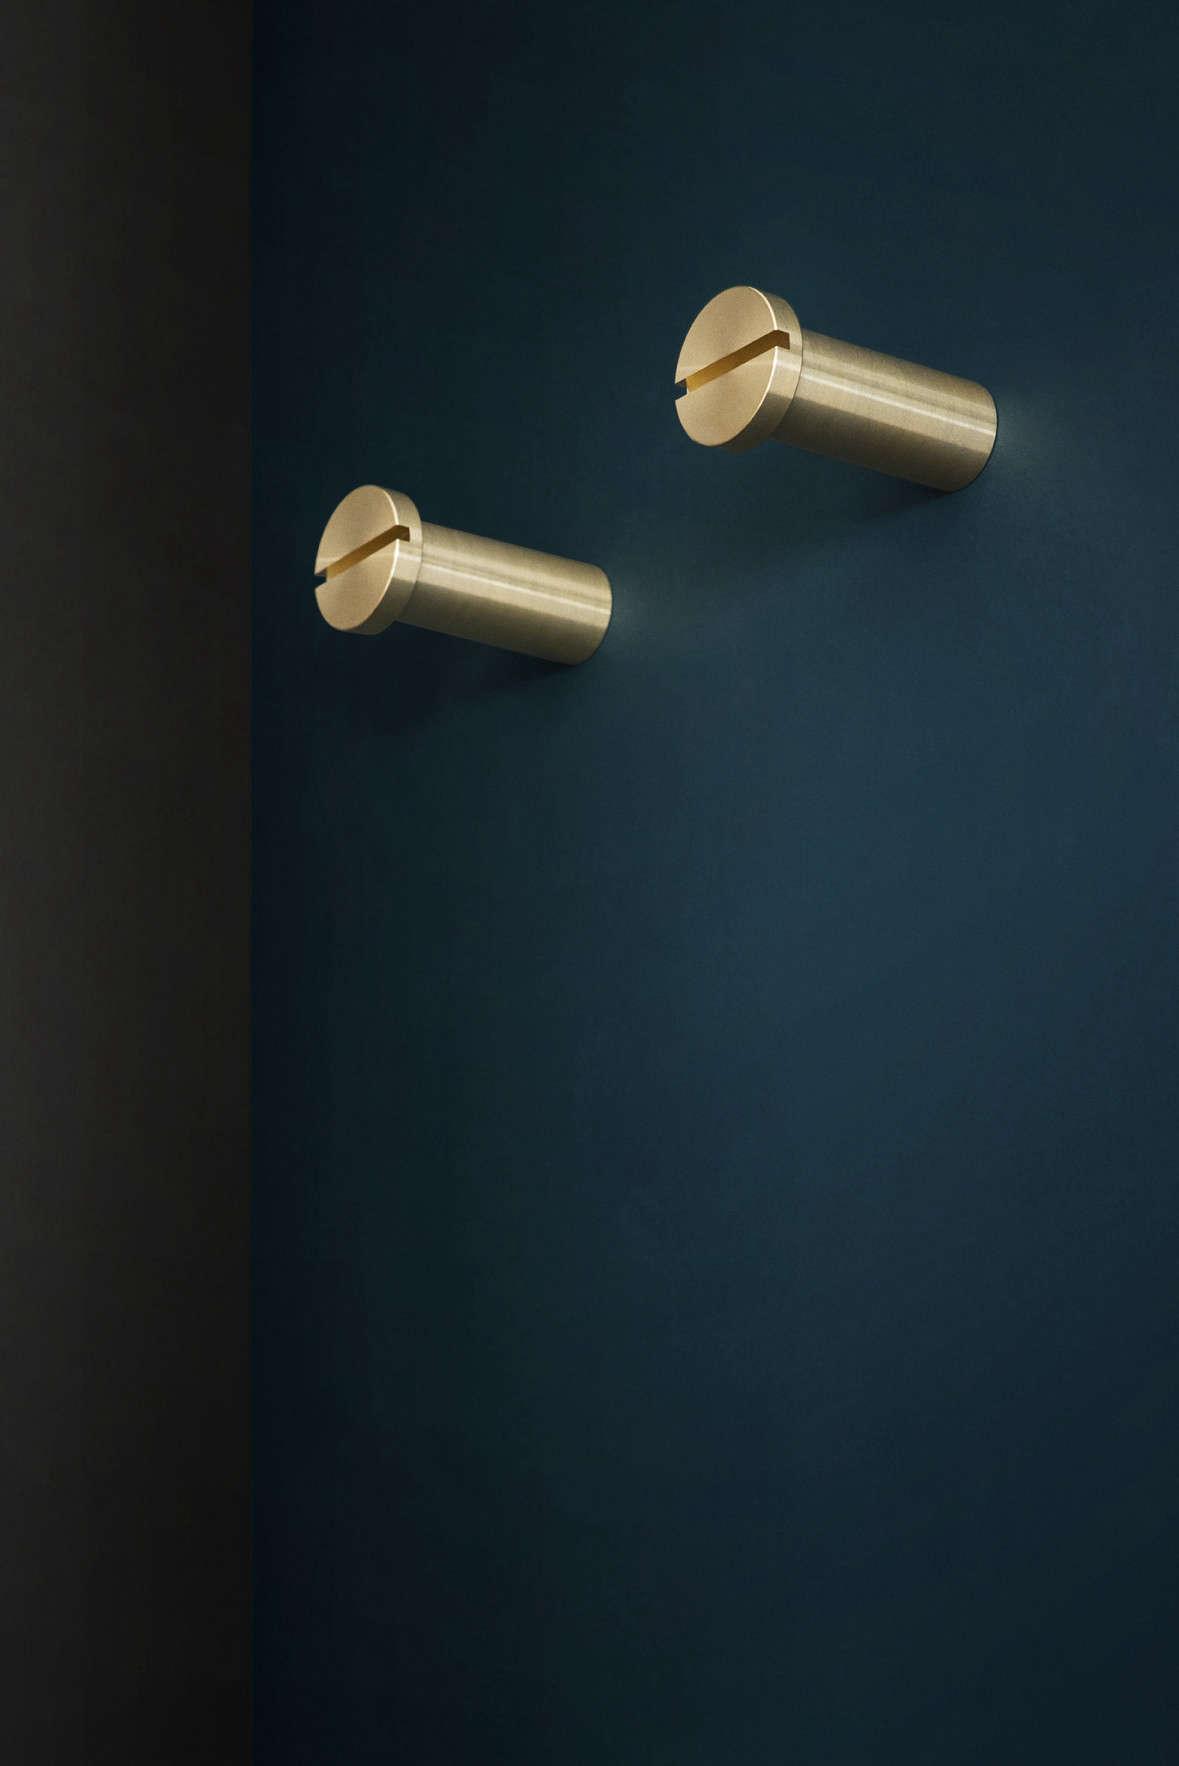 ArtisanDesigned Light Fixtures and Hardware from Copenhagen KBH knobs 1 remodelista